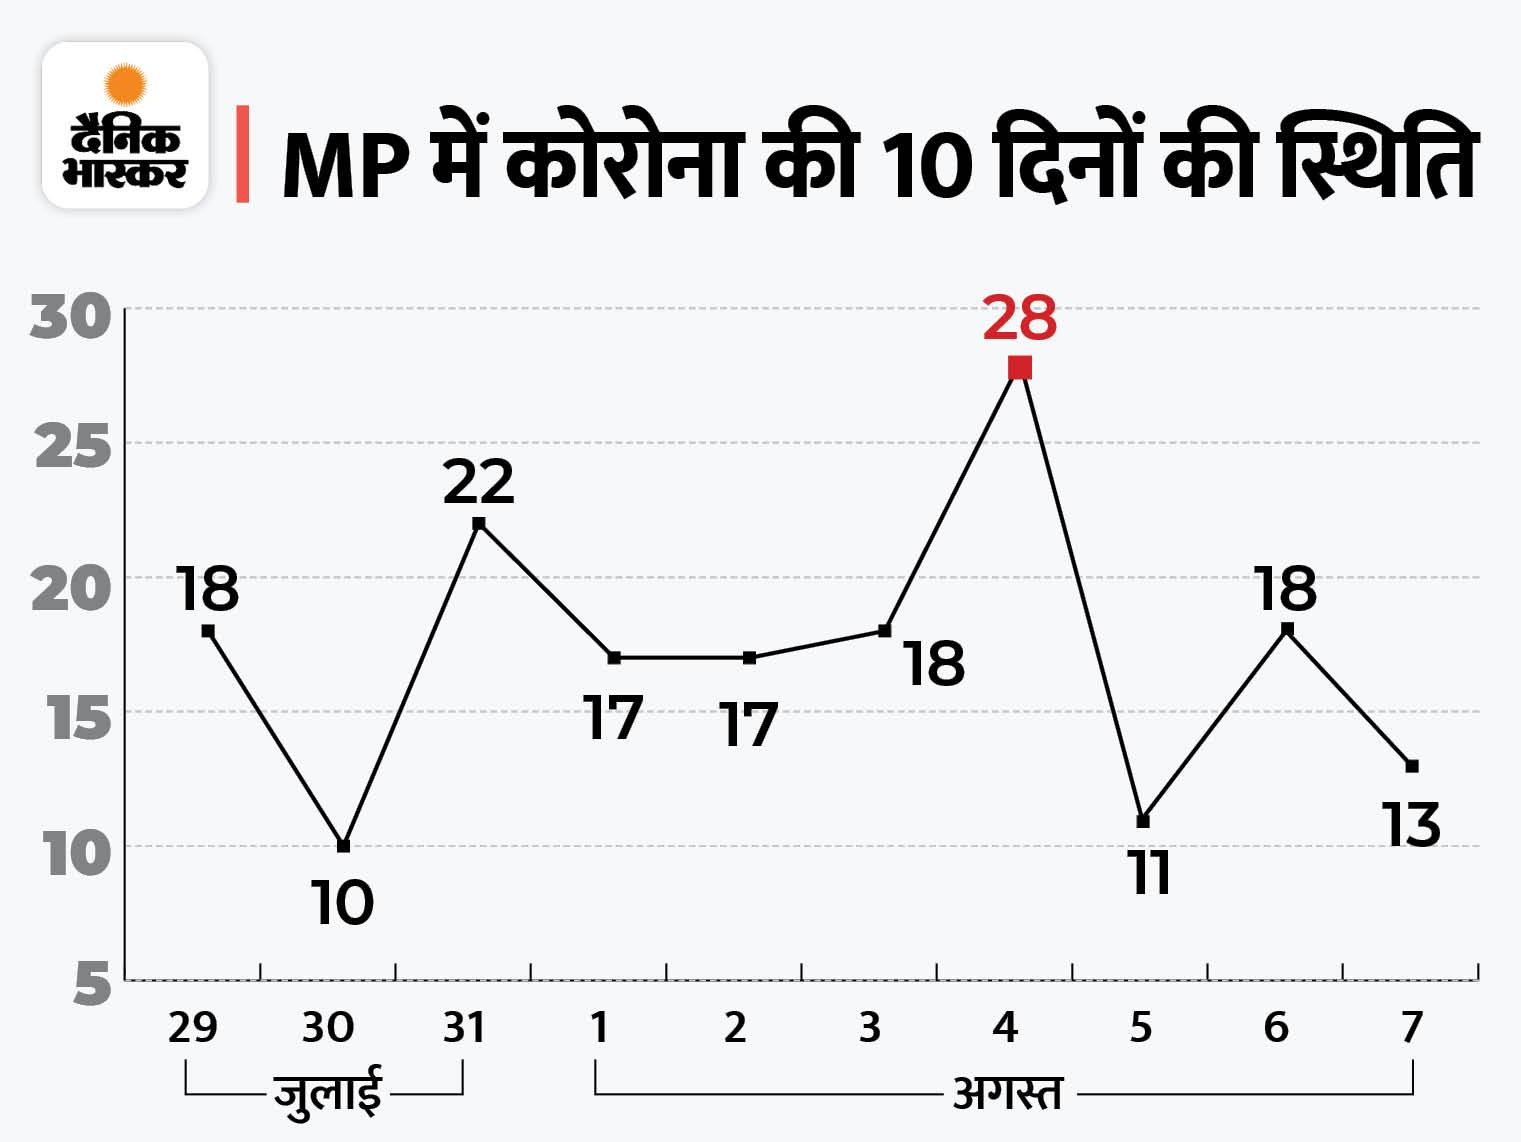 एक मरीज एक से ज्यादा व्यक्ति को कर रहा संक्रमित; एक्सपर्ट बोले-यह लंबे समय तक बढ़ते रहना गंभीर|भोपाल,Bhopal - Dainik Bhaskar